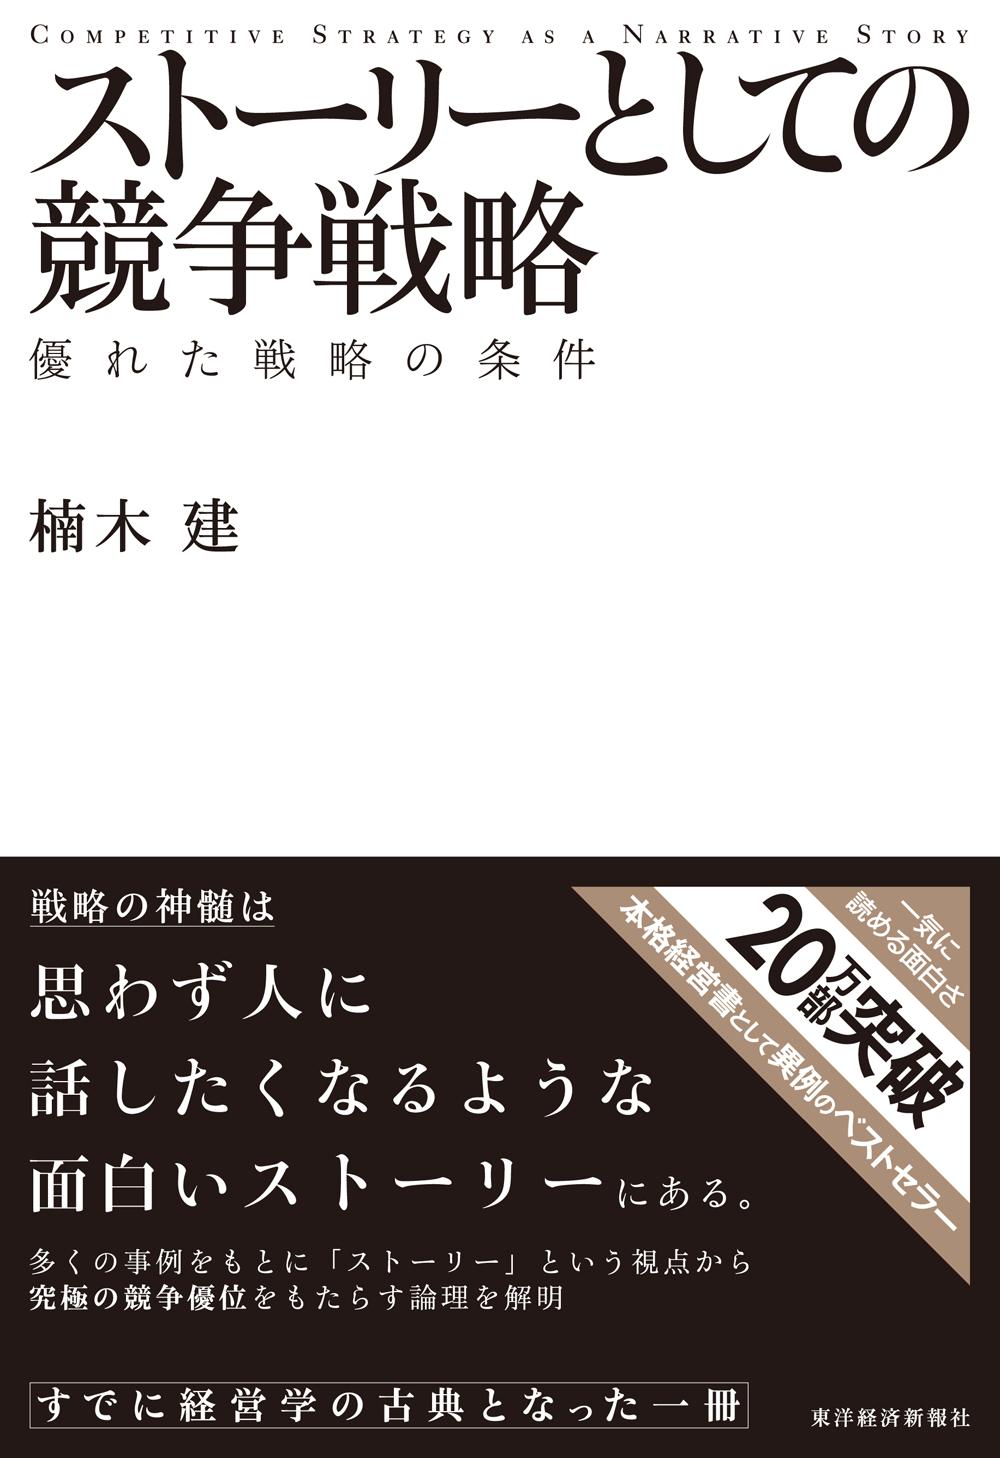 柳井正氏の年度方針「儲ける」は商売の本筋